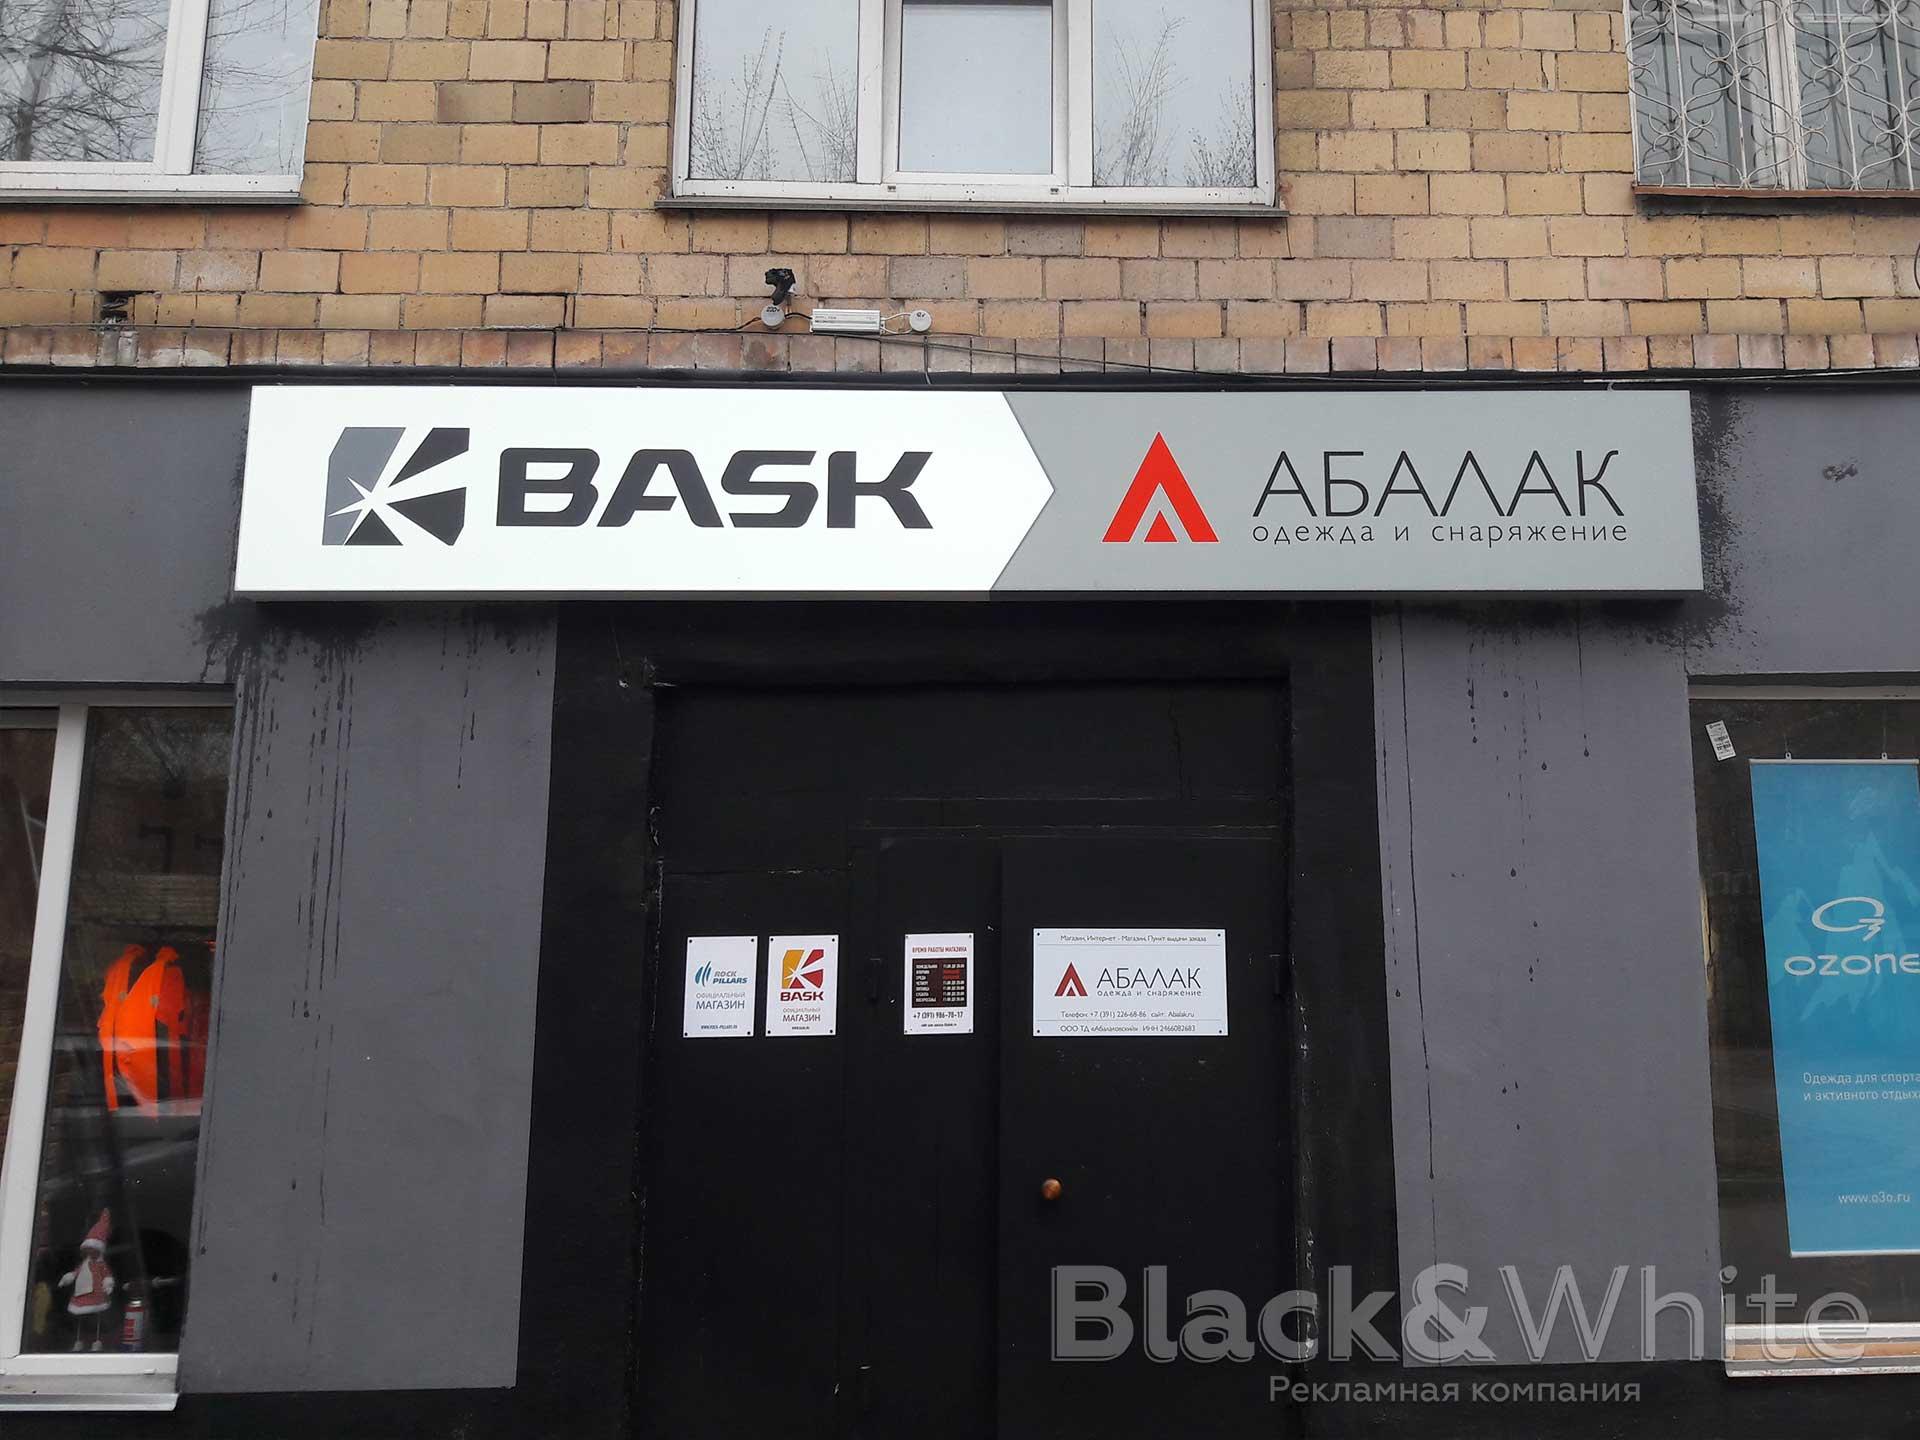 световой-акриловый-короб-изготовление-на-заказ-Black-&-White-Красноярск.jpg